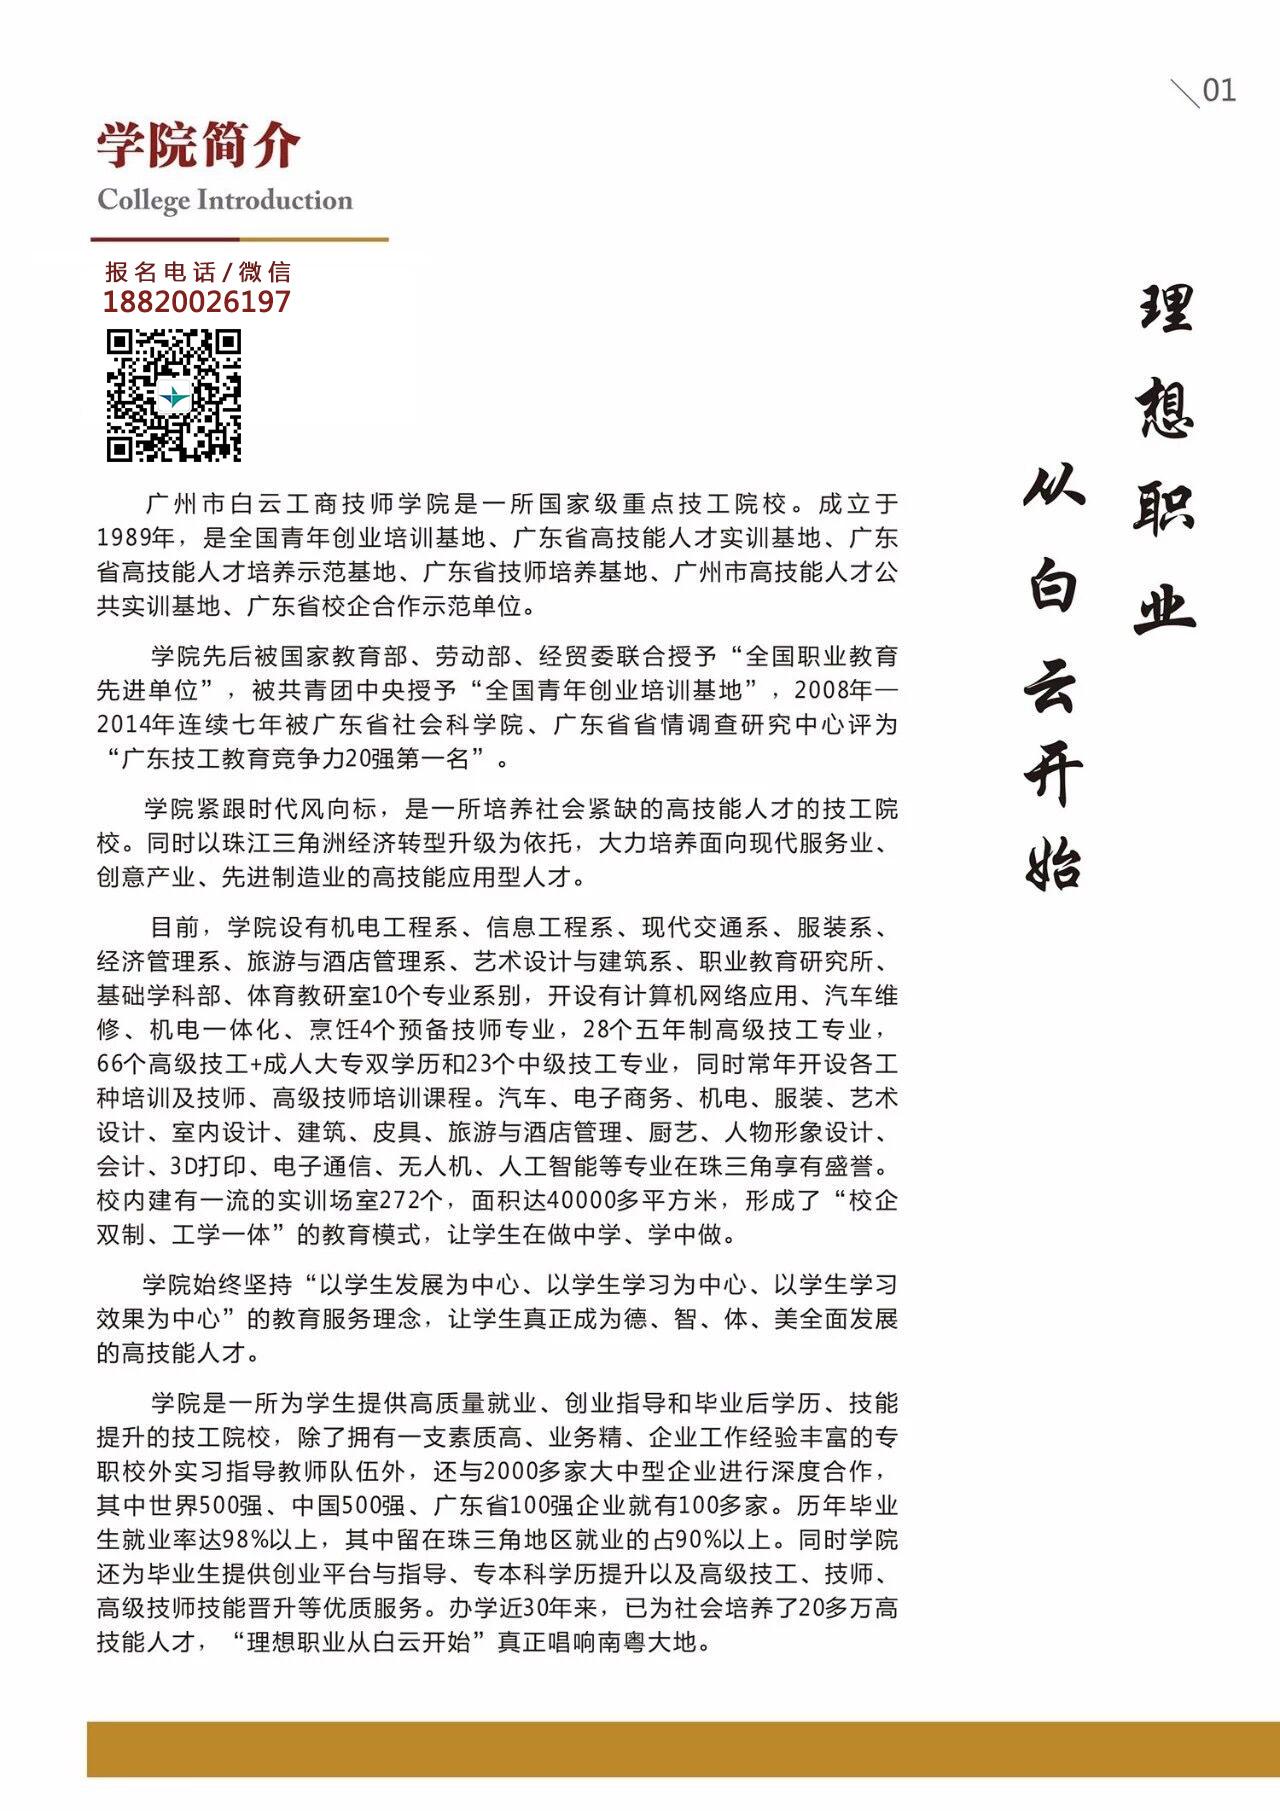 广州市白云工商技师学院(广州白云工商高技技工学校)2018年秋季招生简章